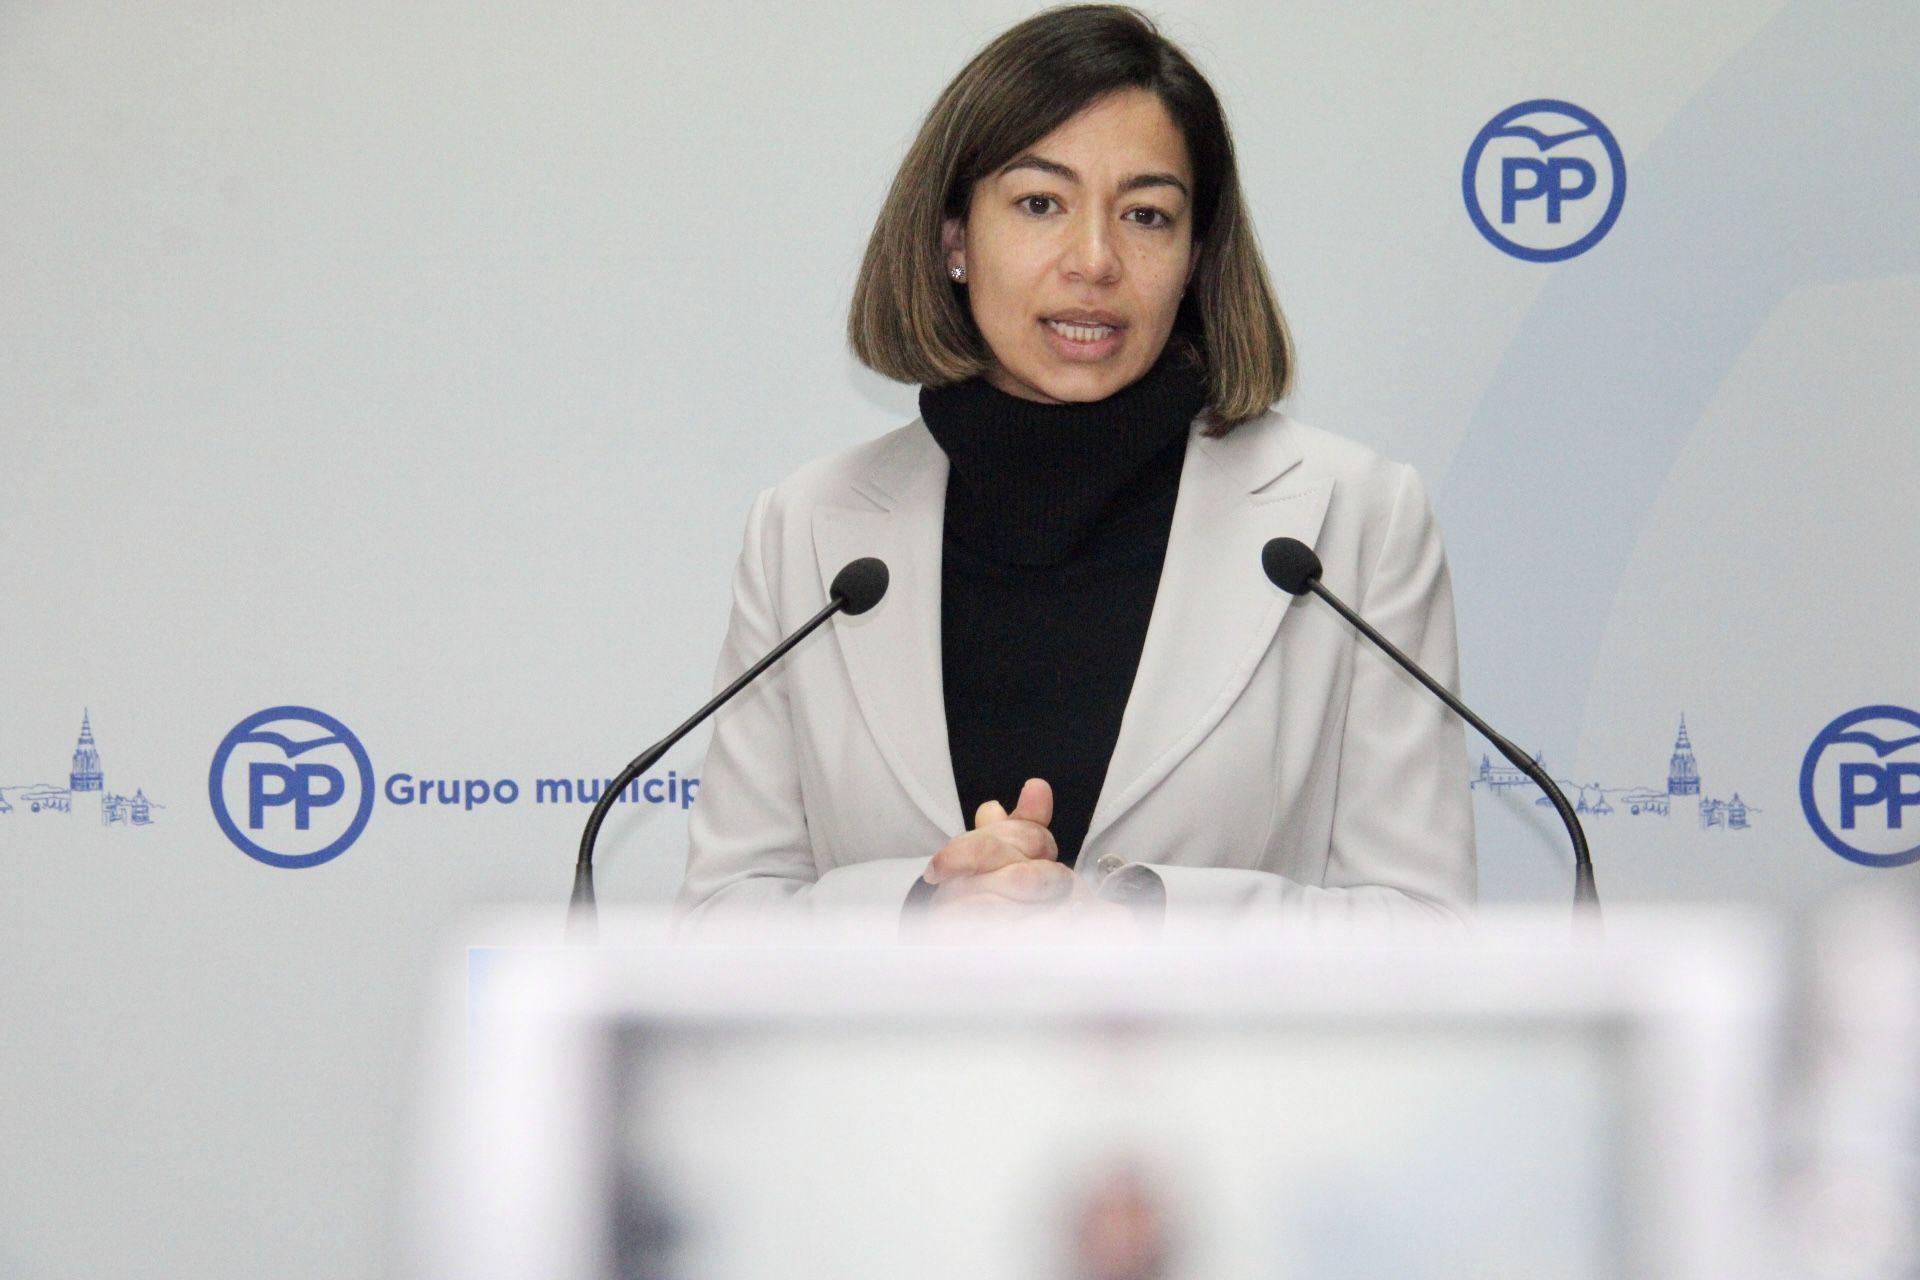 Alonso urge al Gobierno de Tolón a abandonar la ineficacia demostrada los últimos días acelerando ahora la limpieza para evitar inundaciones y nuevos daños